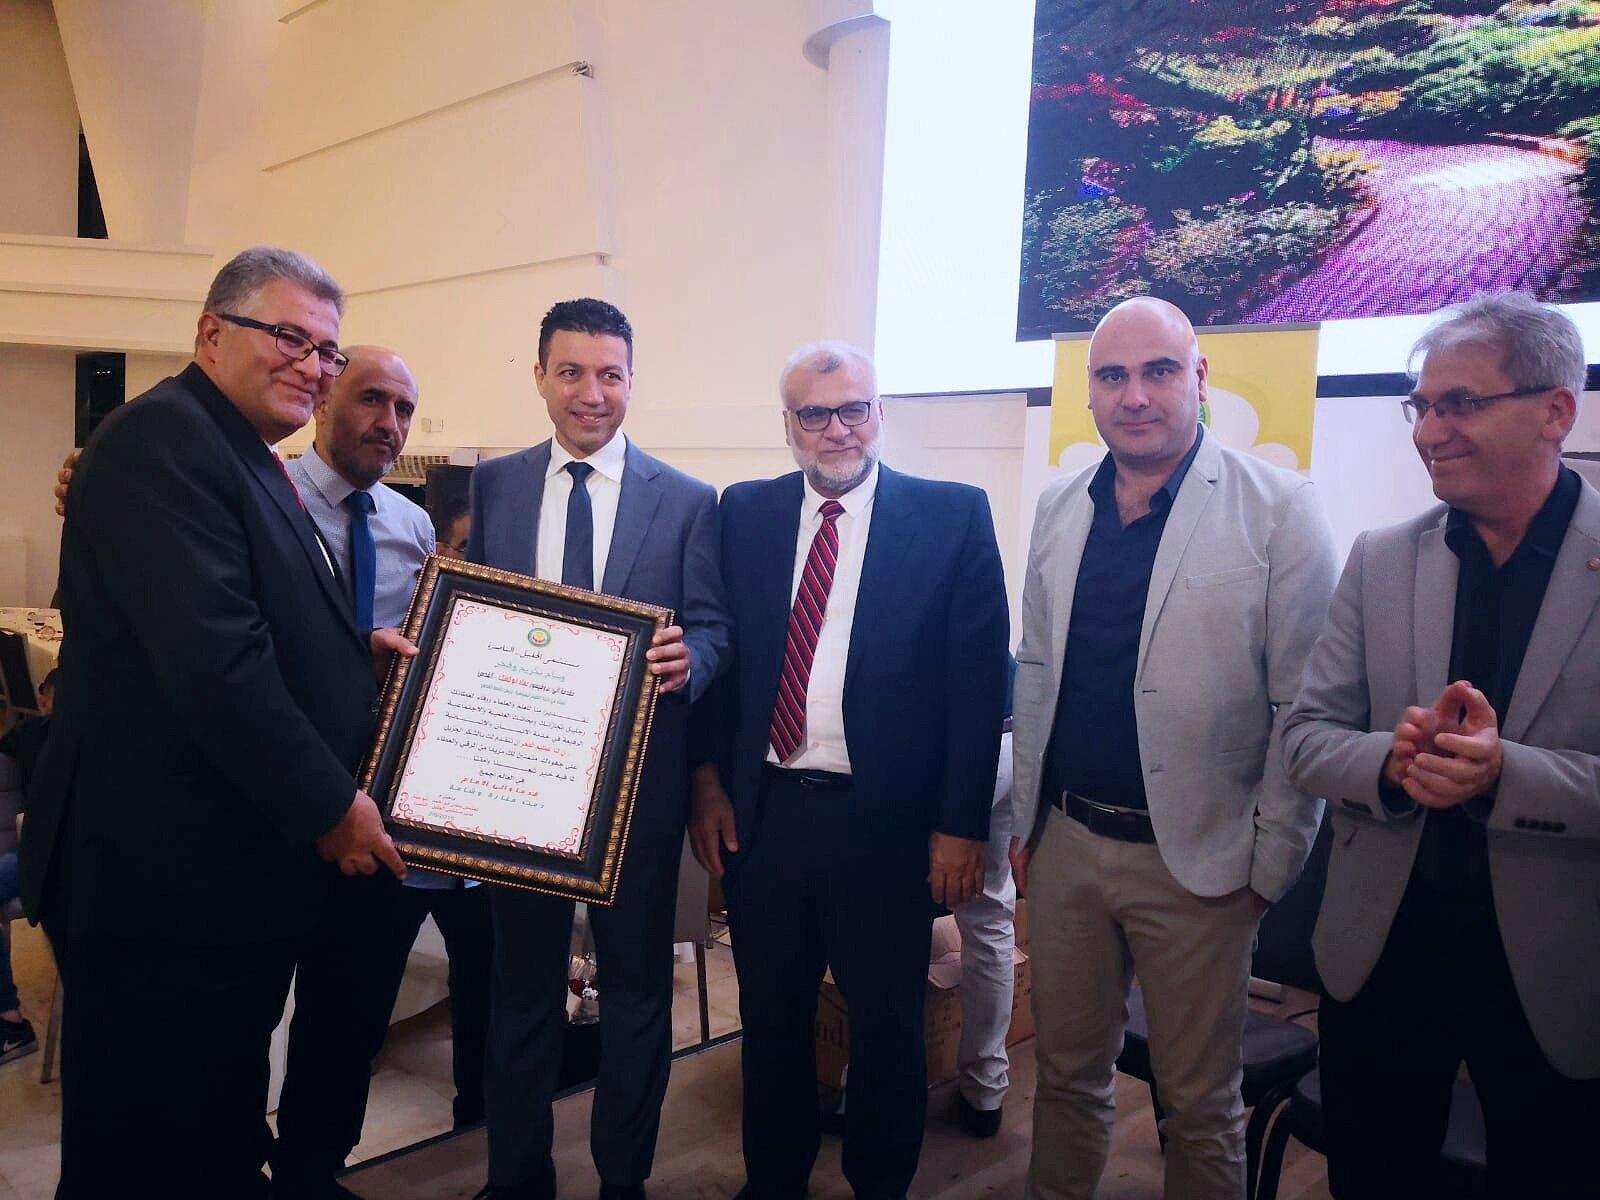 مستشفى الجليل في مدينة الناصرة يستضيف جامعة القدس ويكرم رئيسها الاستاذ الدكتور عماد ابو كشك